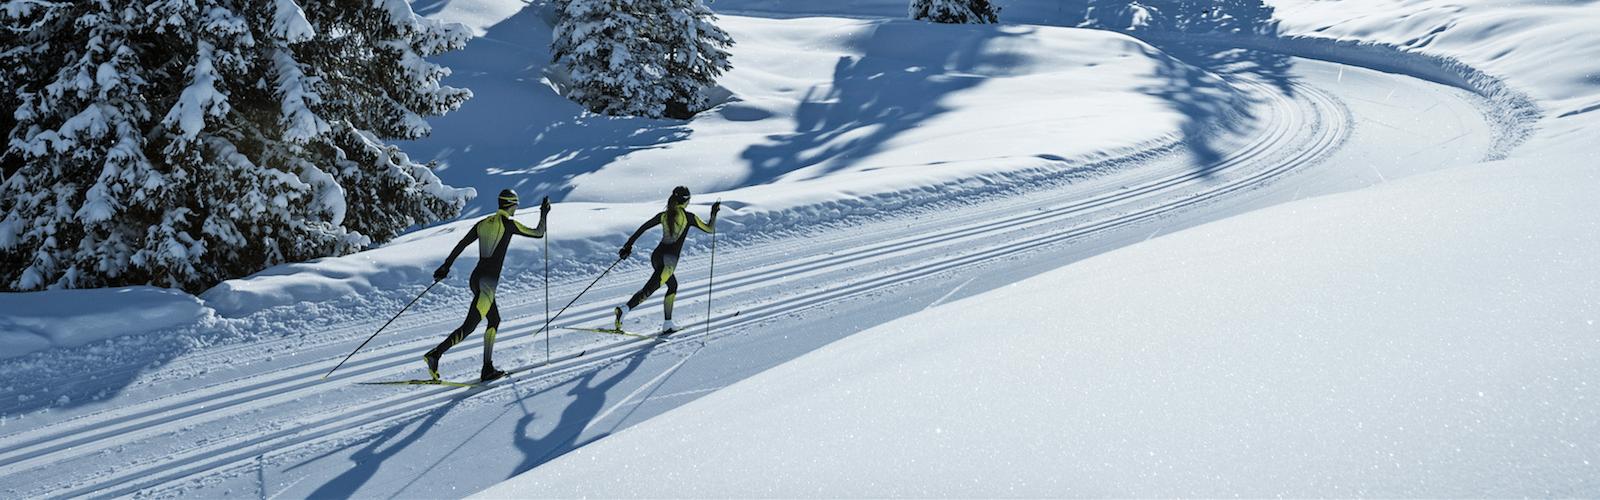 Sport Milanovic - Langlauf Ausrüstung mieten